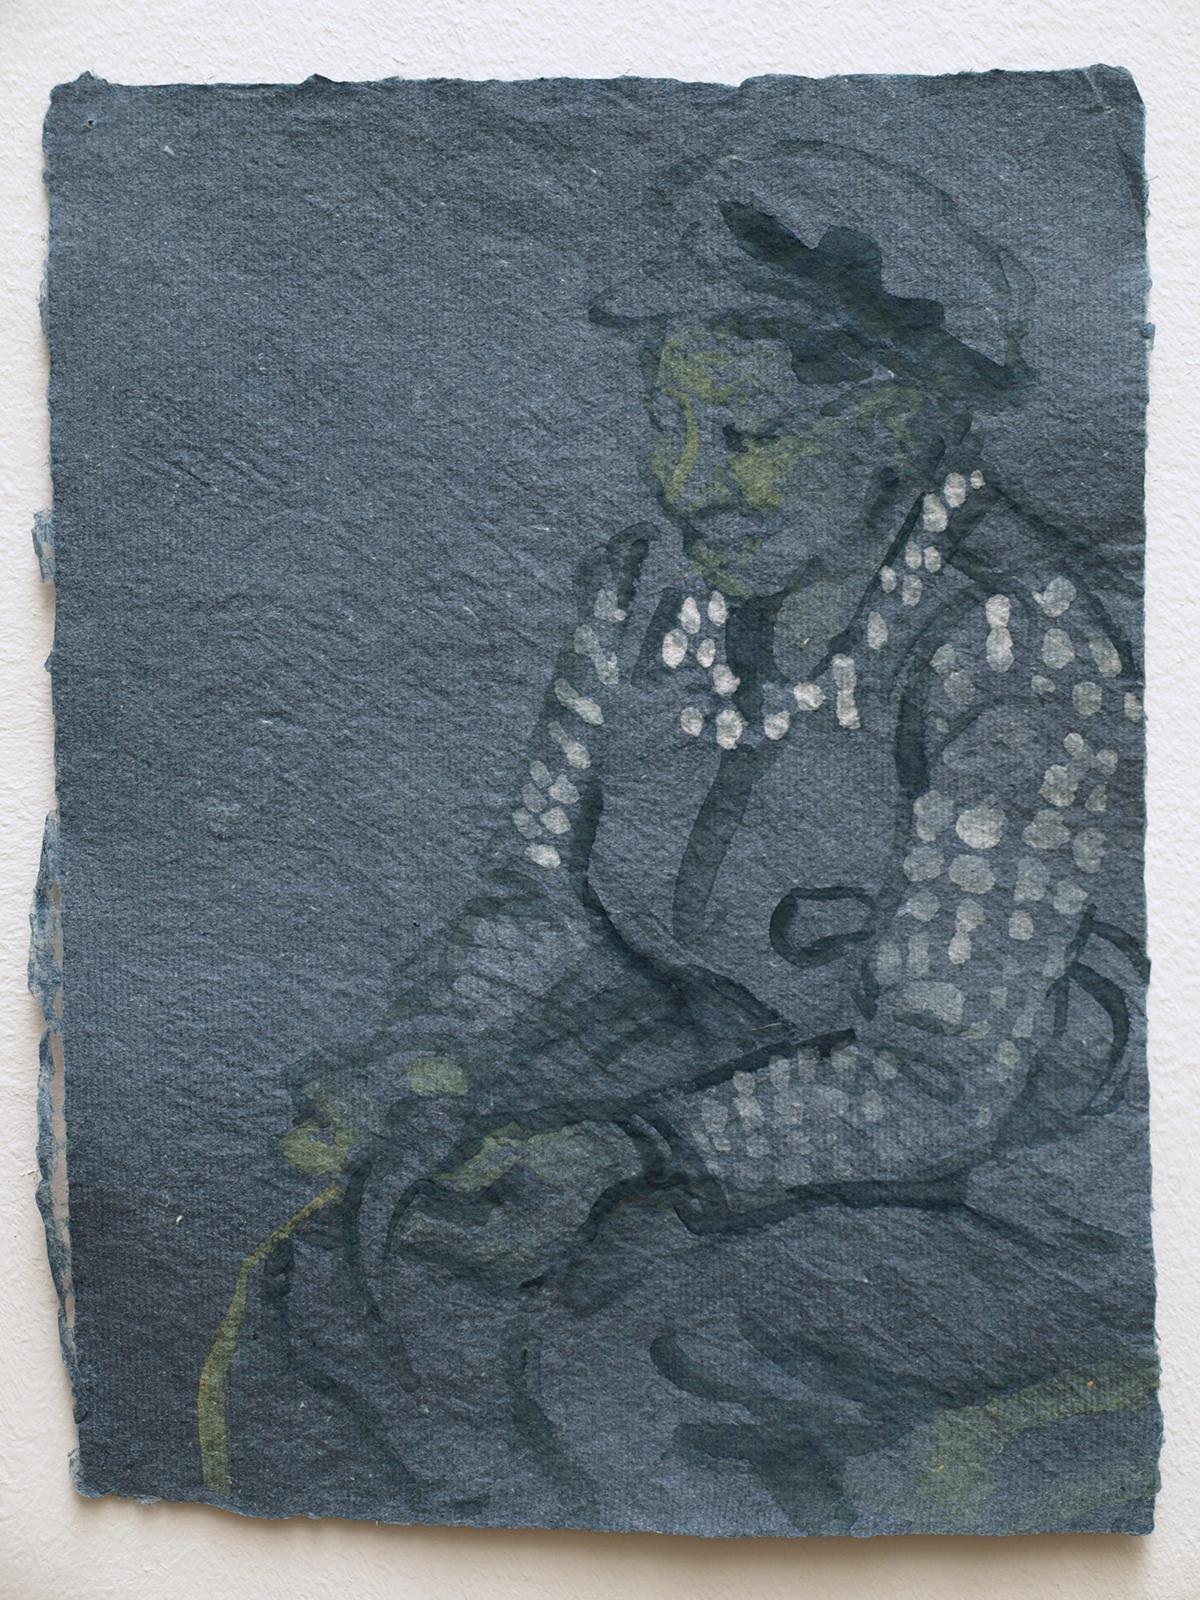 Yu He peeling bark for paper making, 2011